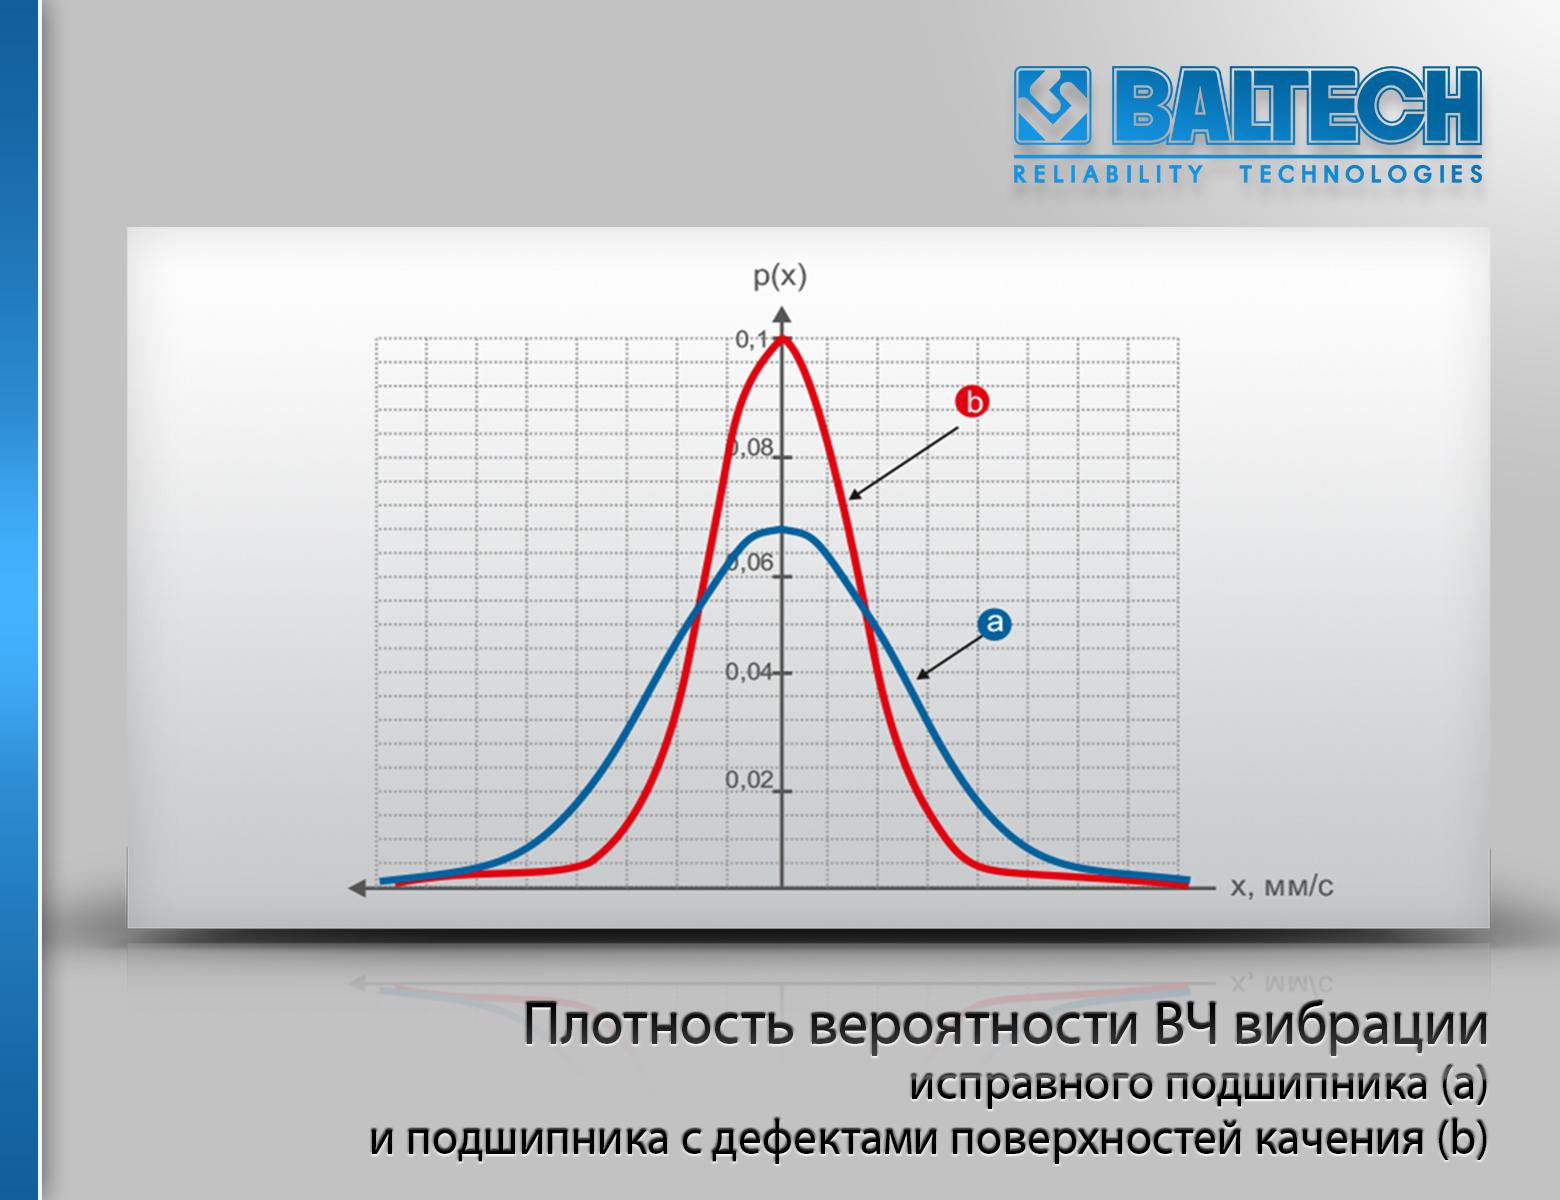 Методы вибродиагностики, метод эксцесса, плотность вероятности ВЧ вибрации